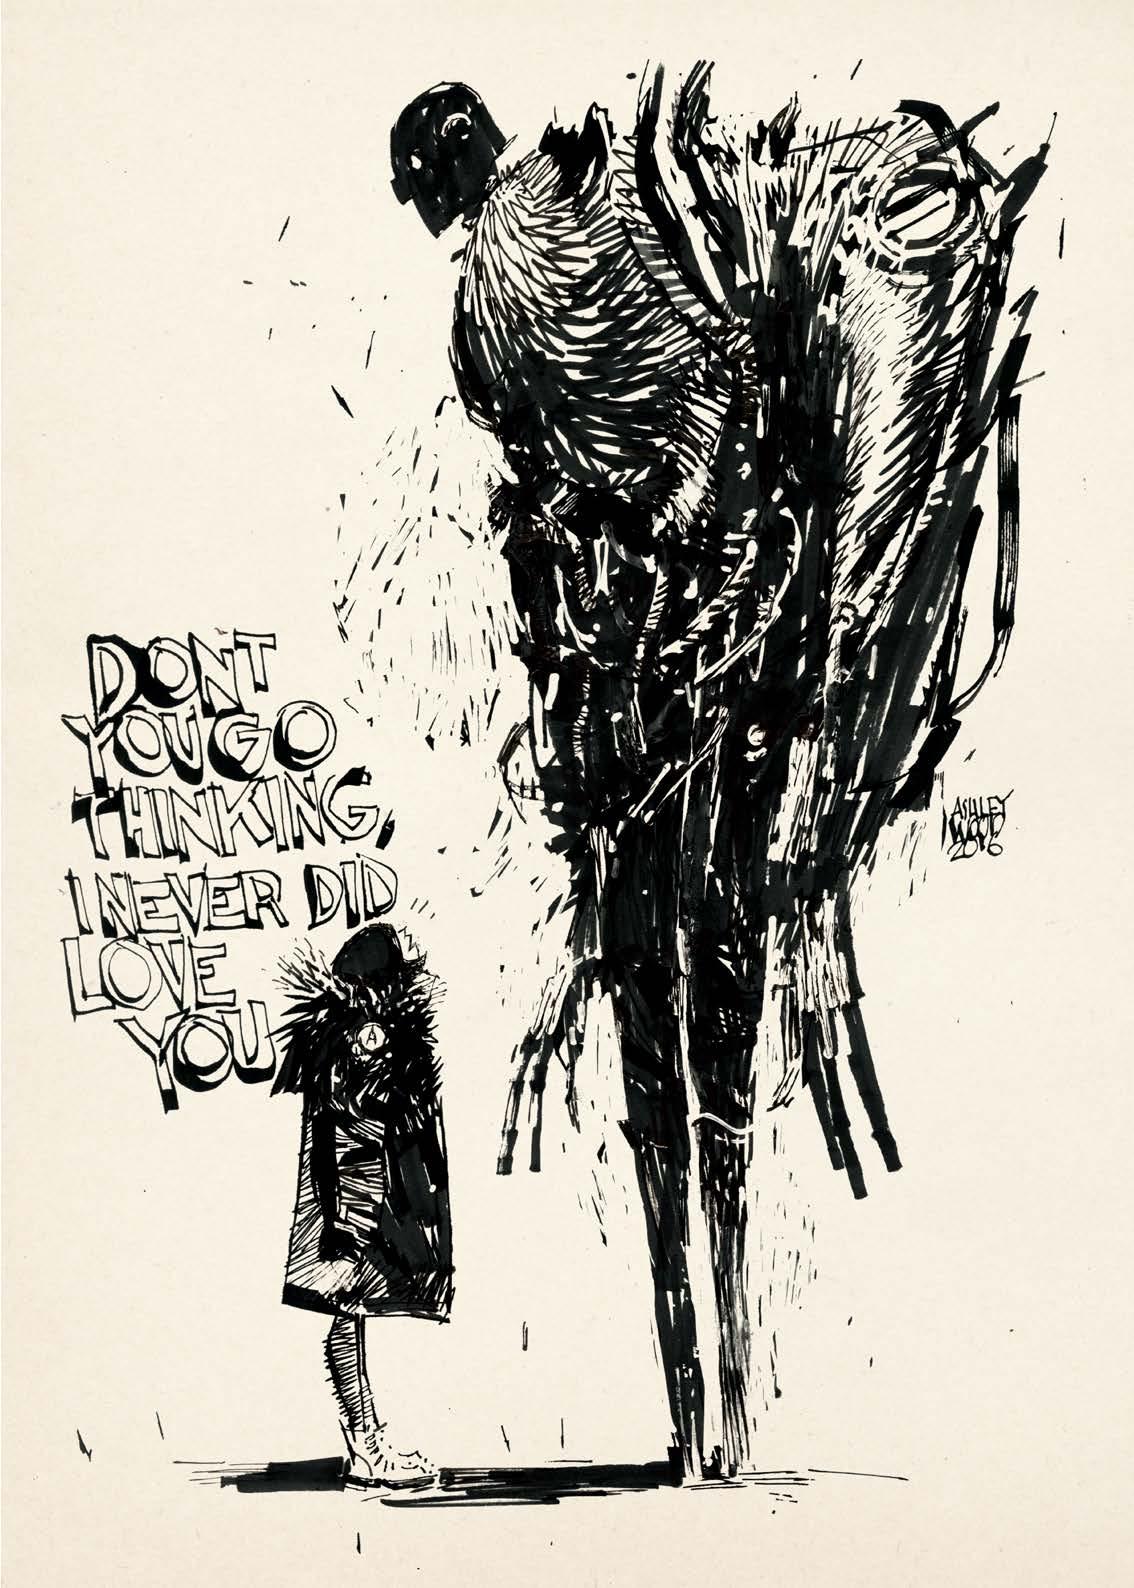 Image de l'artbook Ashley Wood - AWD XL BLACK. Une jeuneImage de l'artbook AWD XL BLACK. Une jeune femme et une créature ailée.